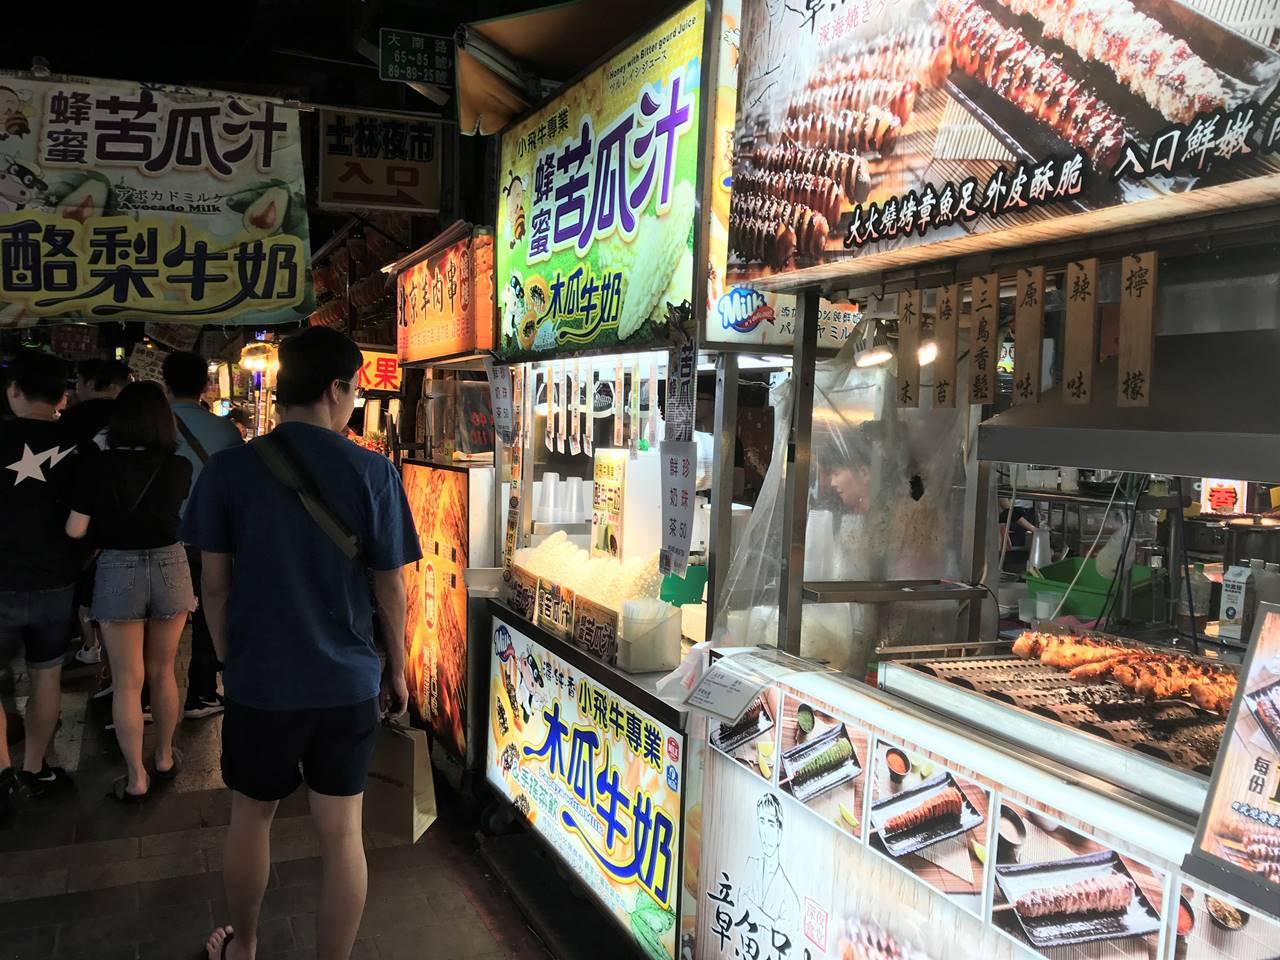 台湾・台北 士林夜市観光